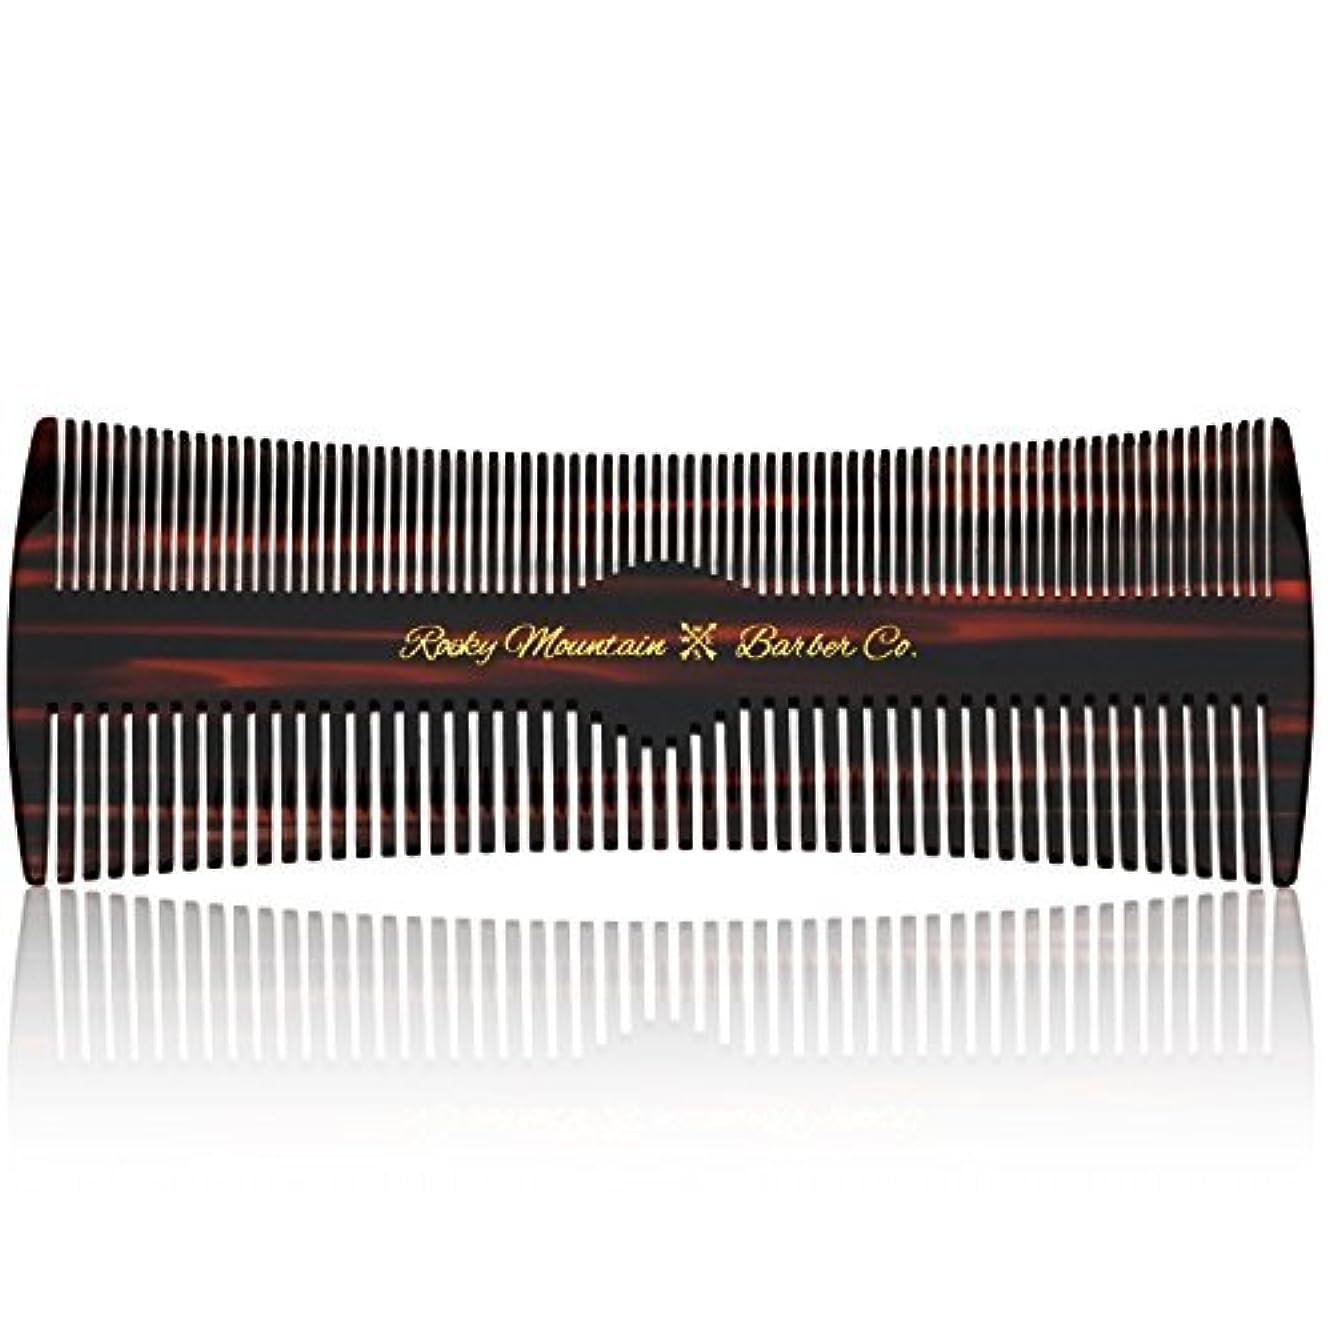 鯨電球露Hair Comb - Fine and Medium Tooth Comb for Head Hair, Beard, Mustache - Warp Resistant, No Snag Design with Contour...